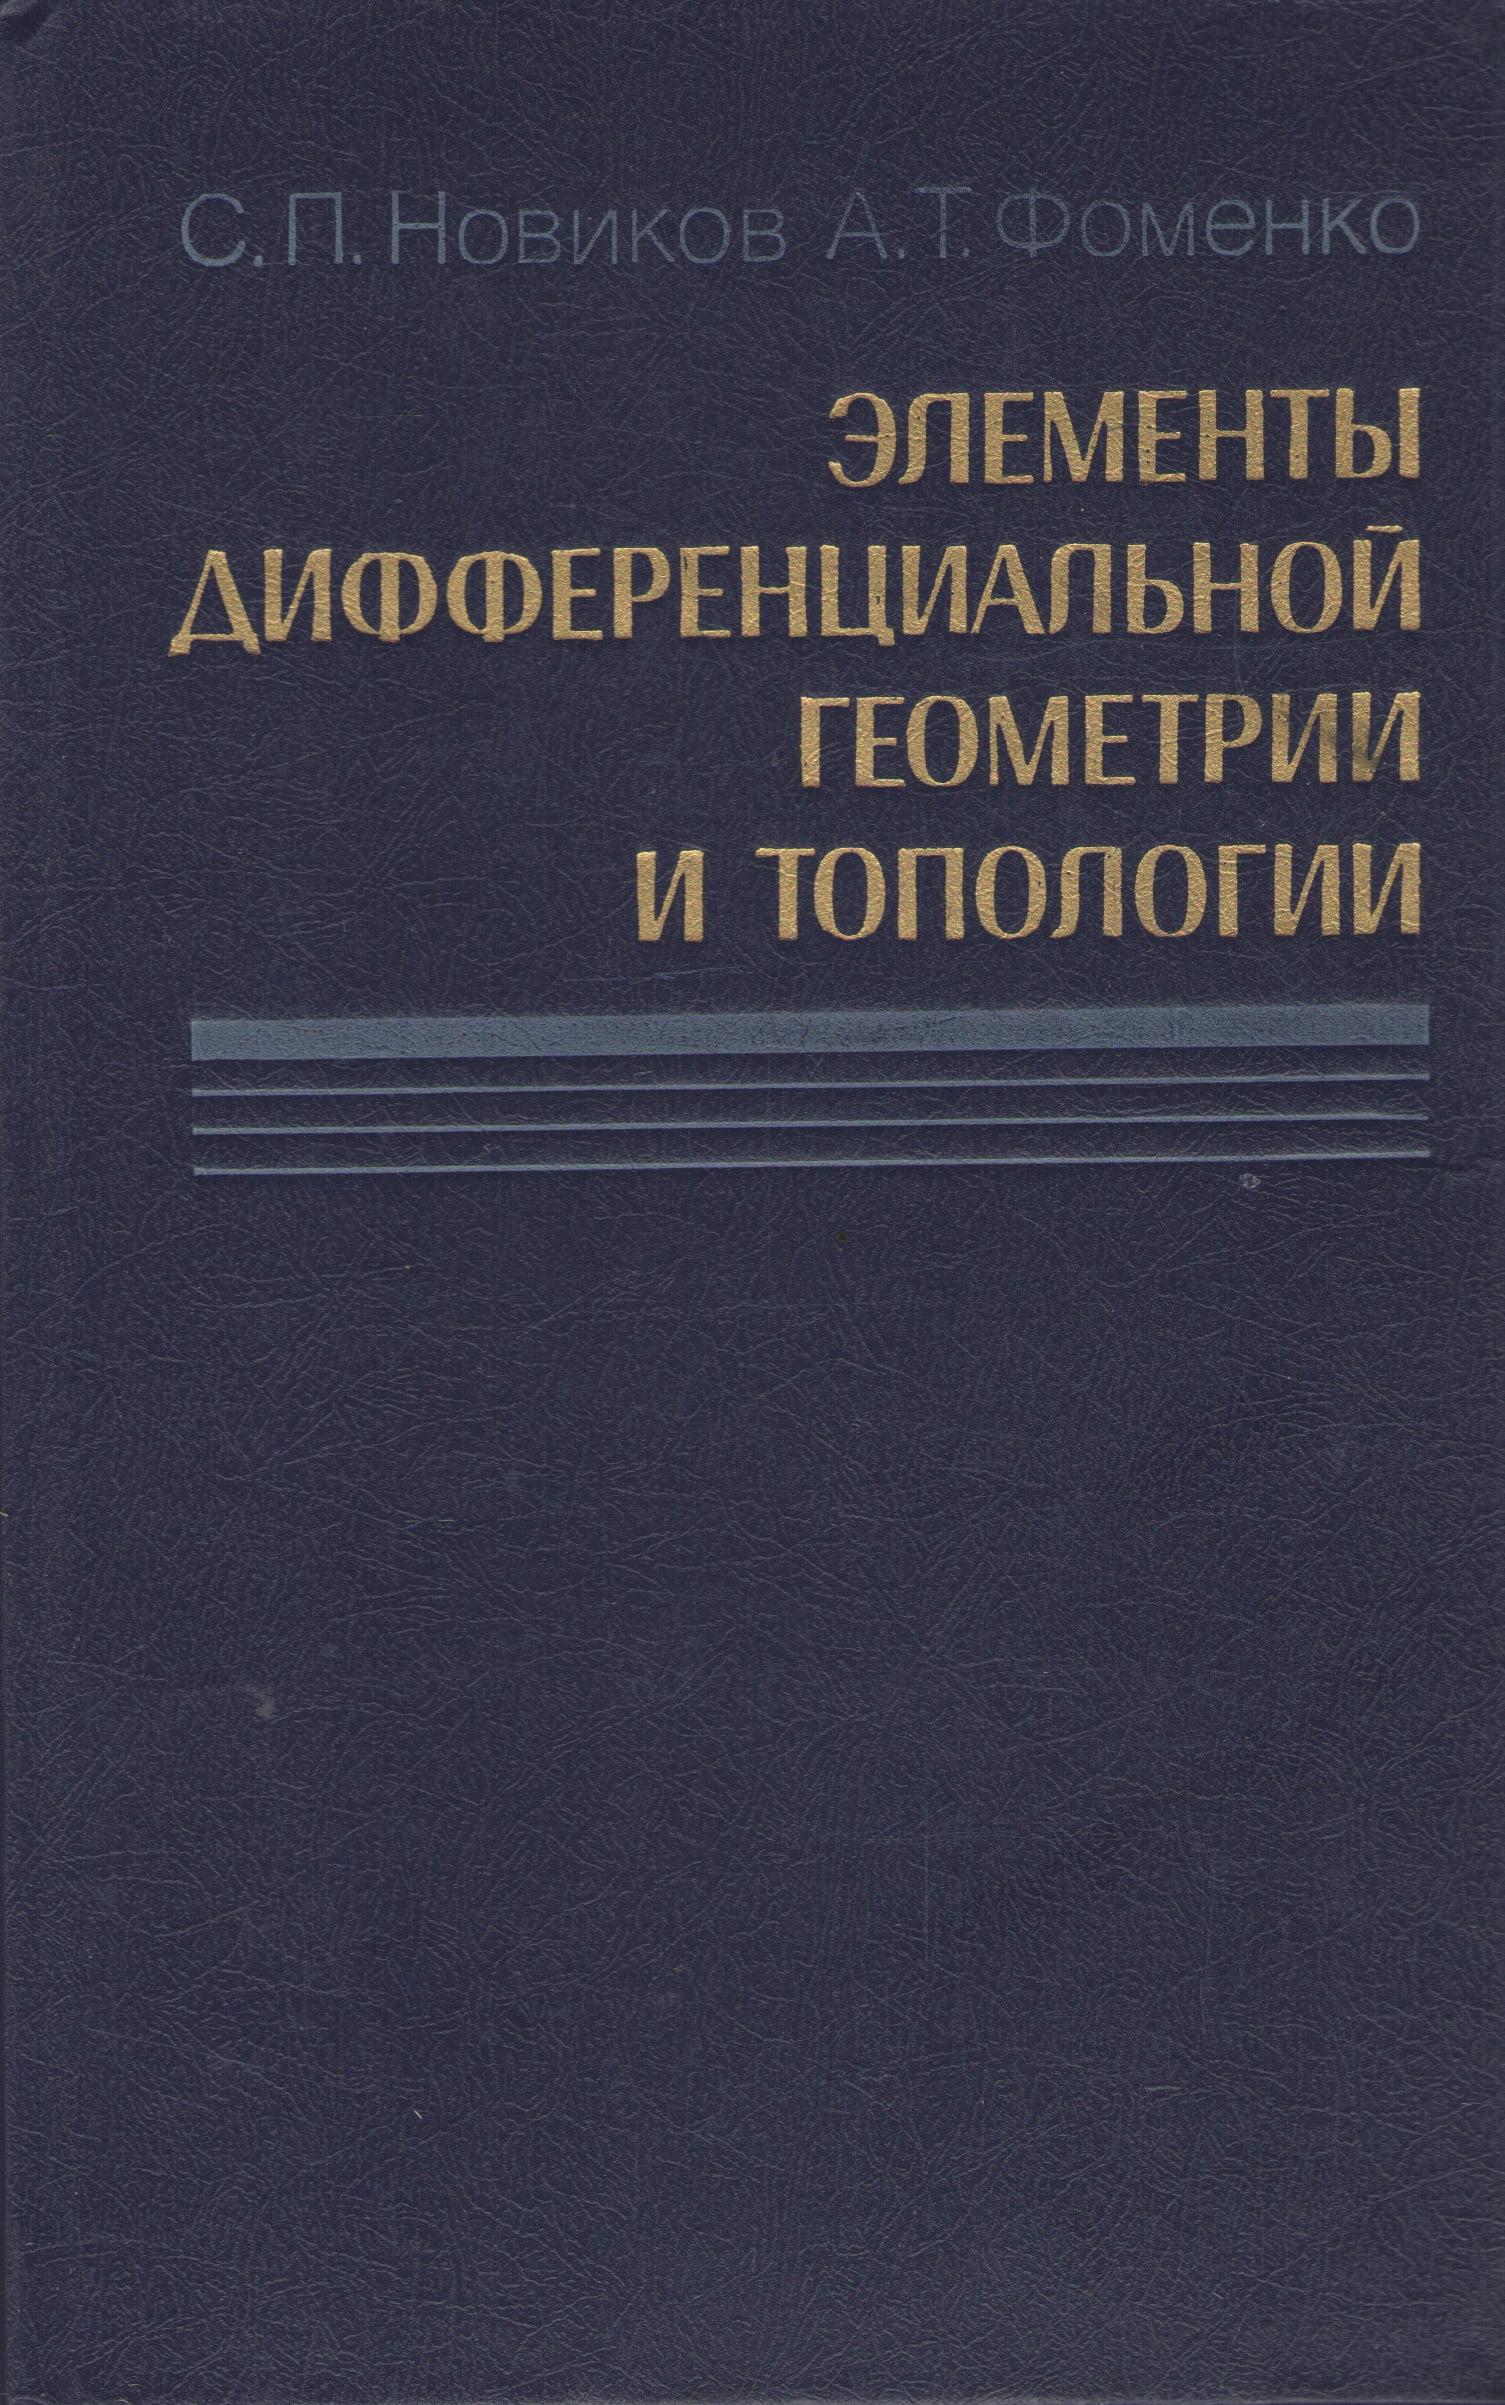 Элементы дифференциальной геометрии и топологии